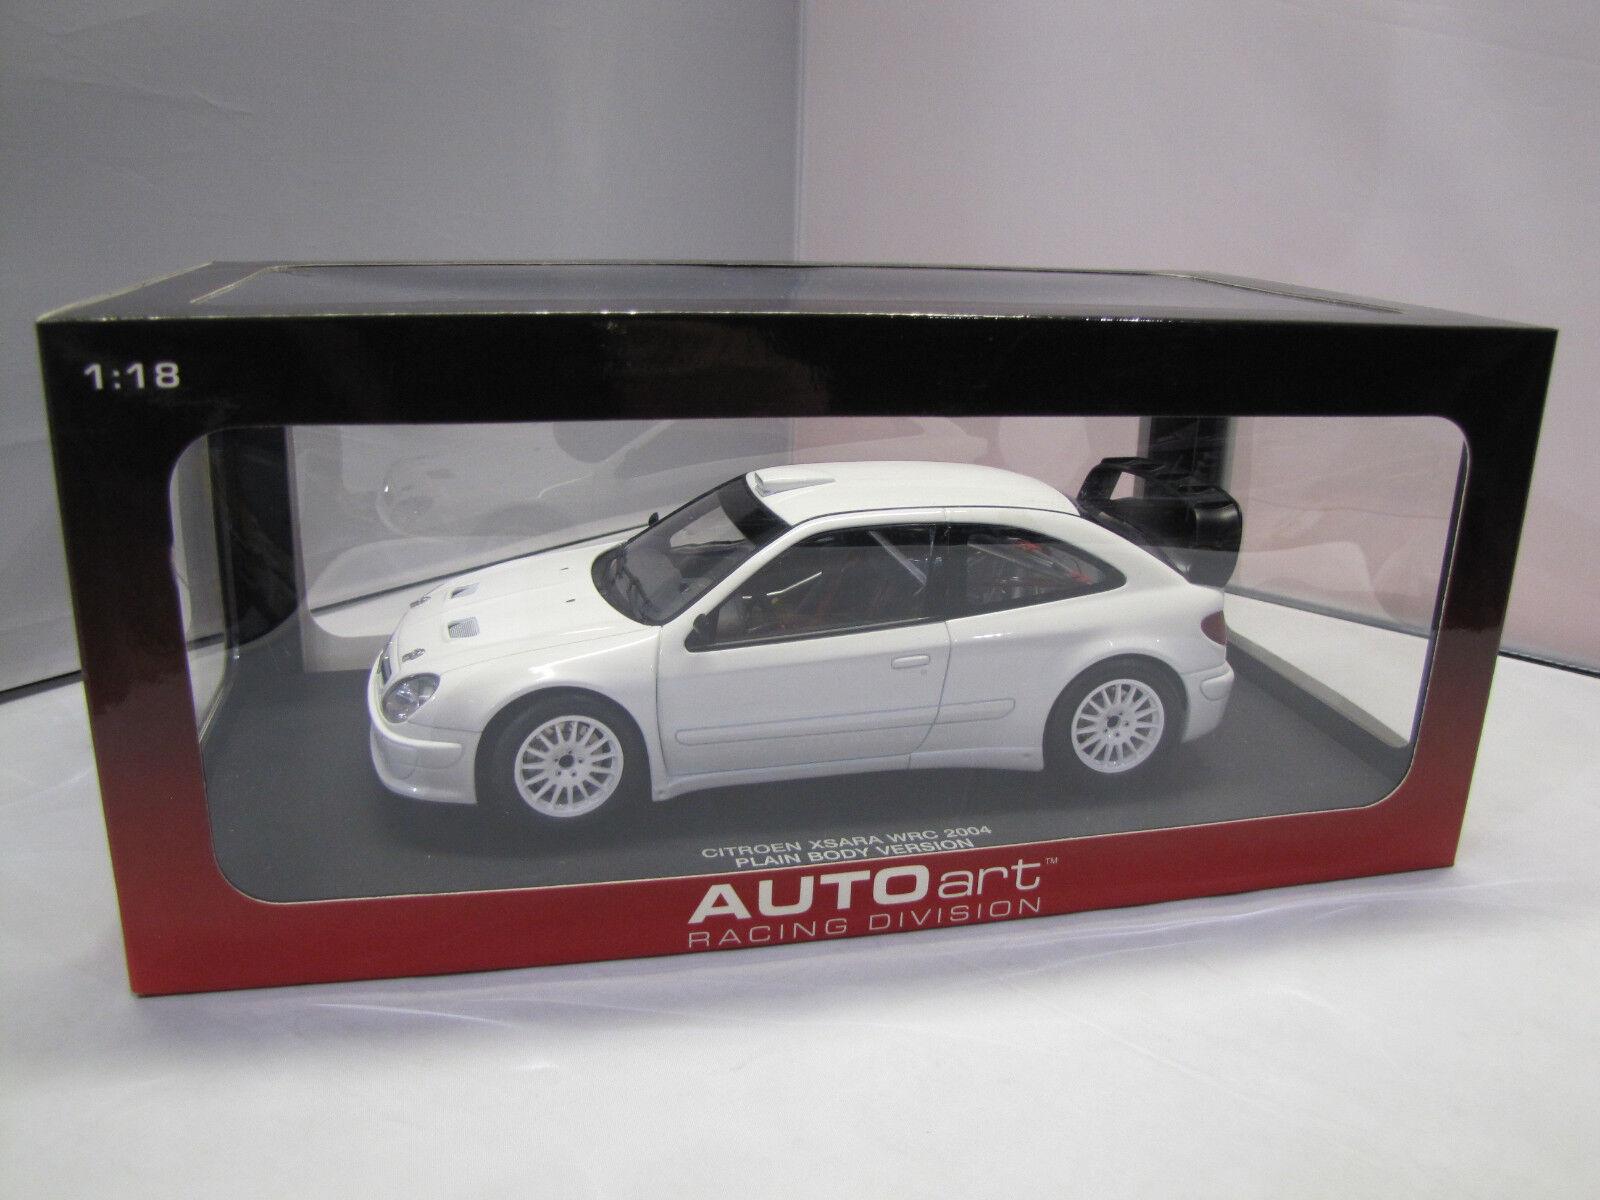 80439 Autoart CITROEN XSARA WRC 2004 Plain Body Versione (bianca) - 1 18